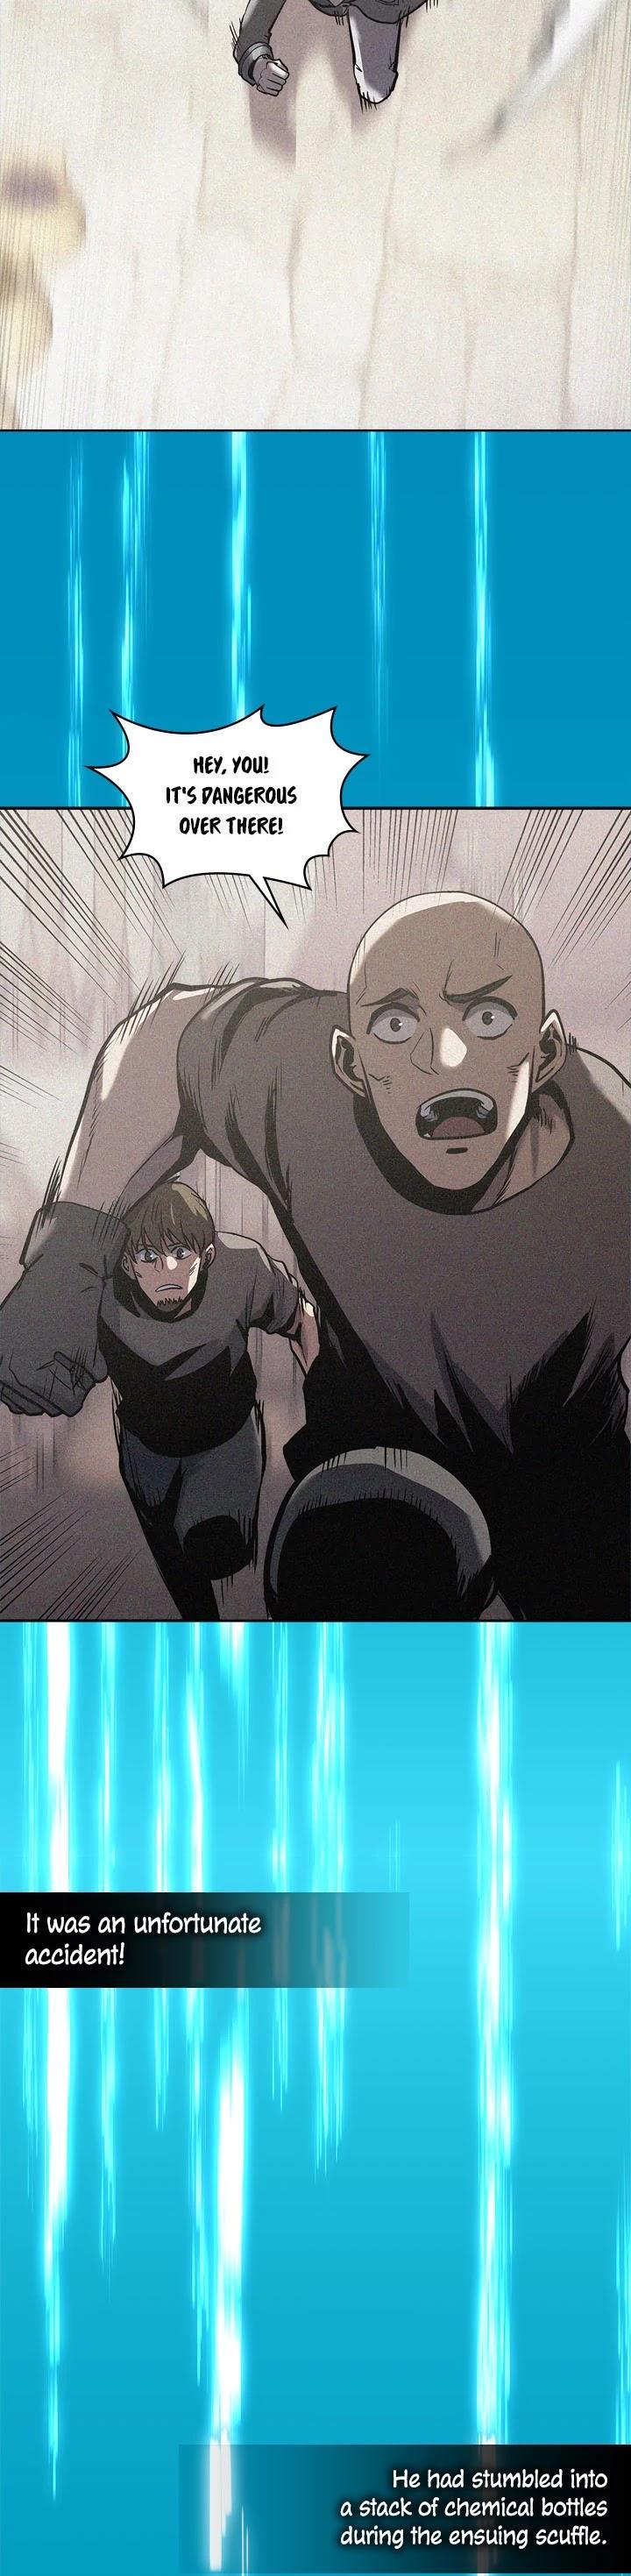 Other World Warrior Chapter 171: Season 4 Ch 59 page 31 - Mangakakalot